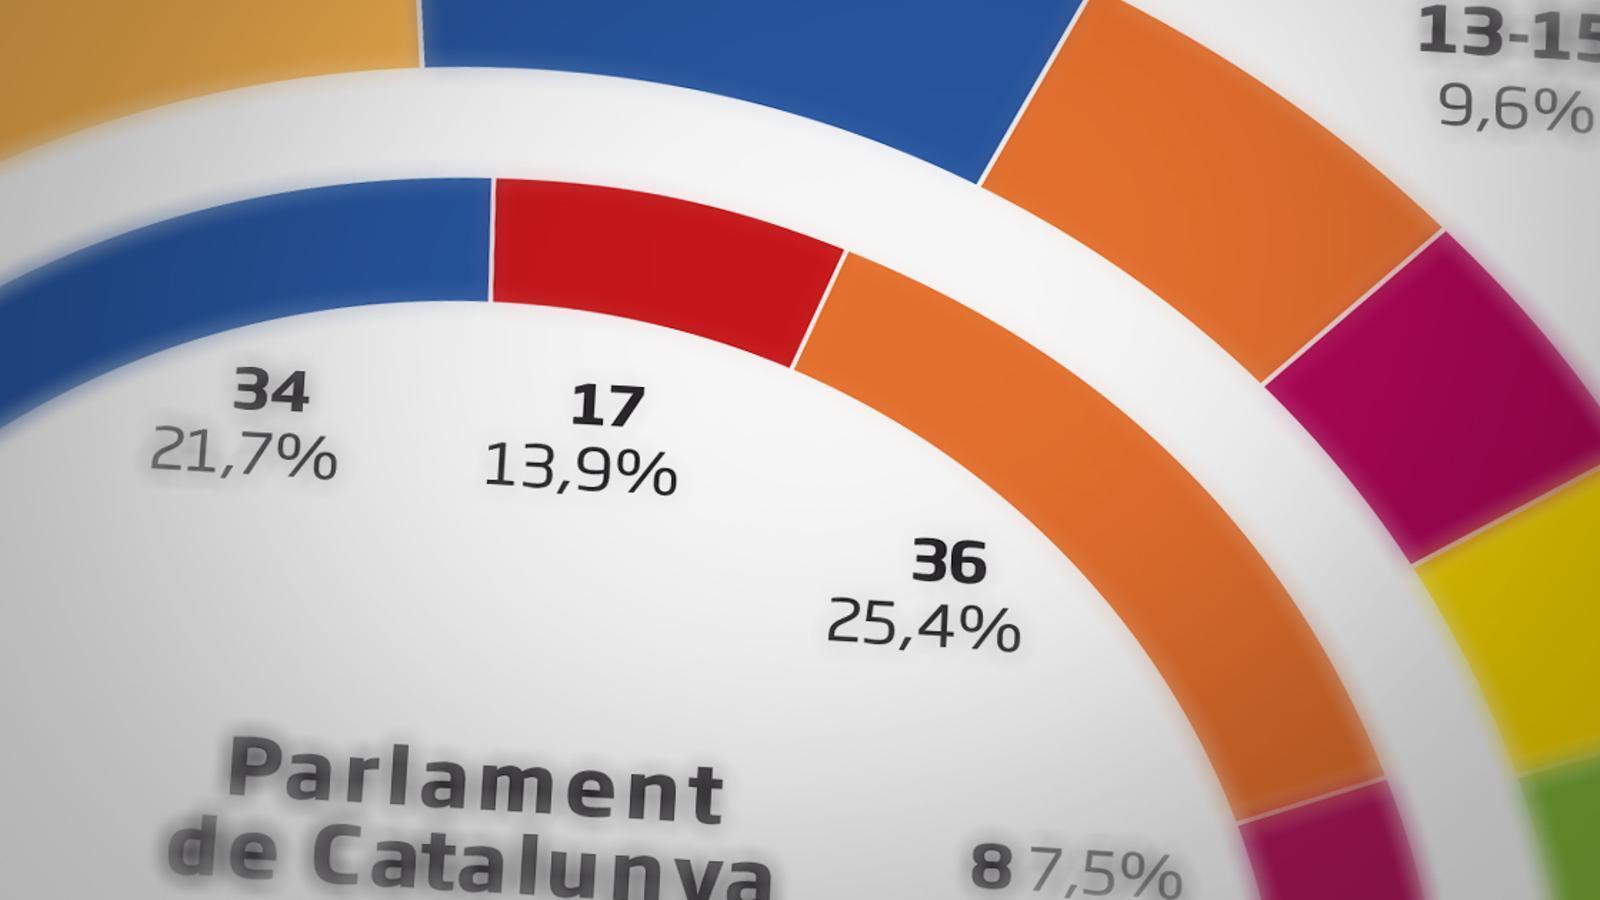 El PSC guanyaria les eleccions si se celebressin el 14-F en un frec a frec amb ERC, segons el CIS